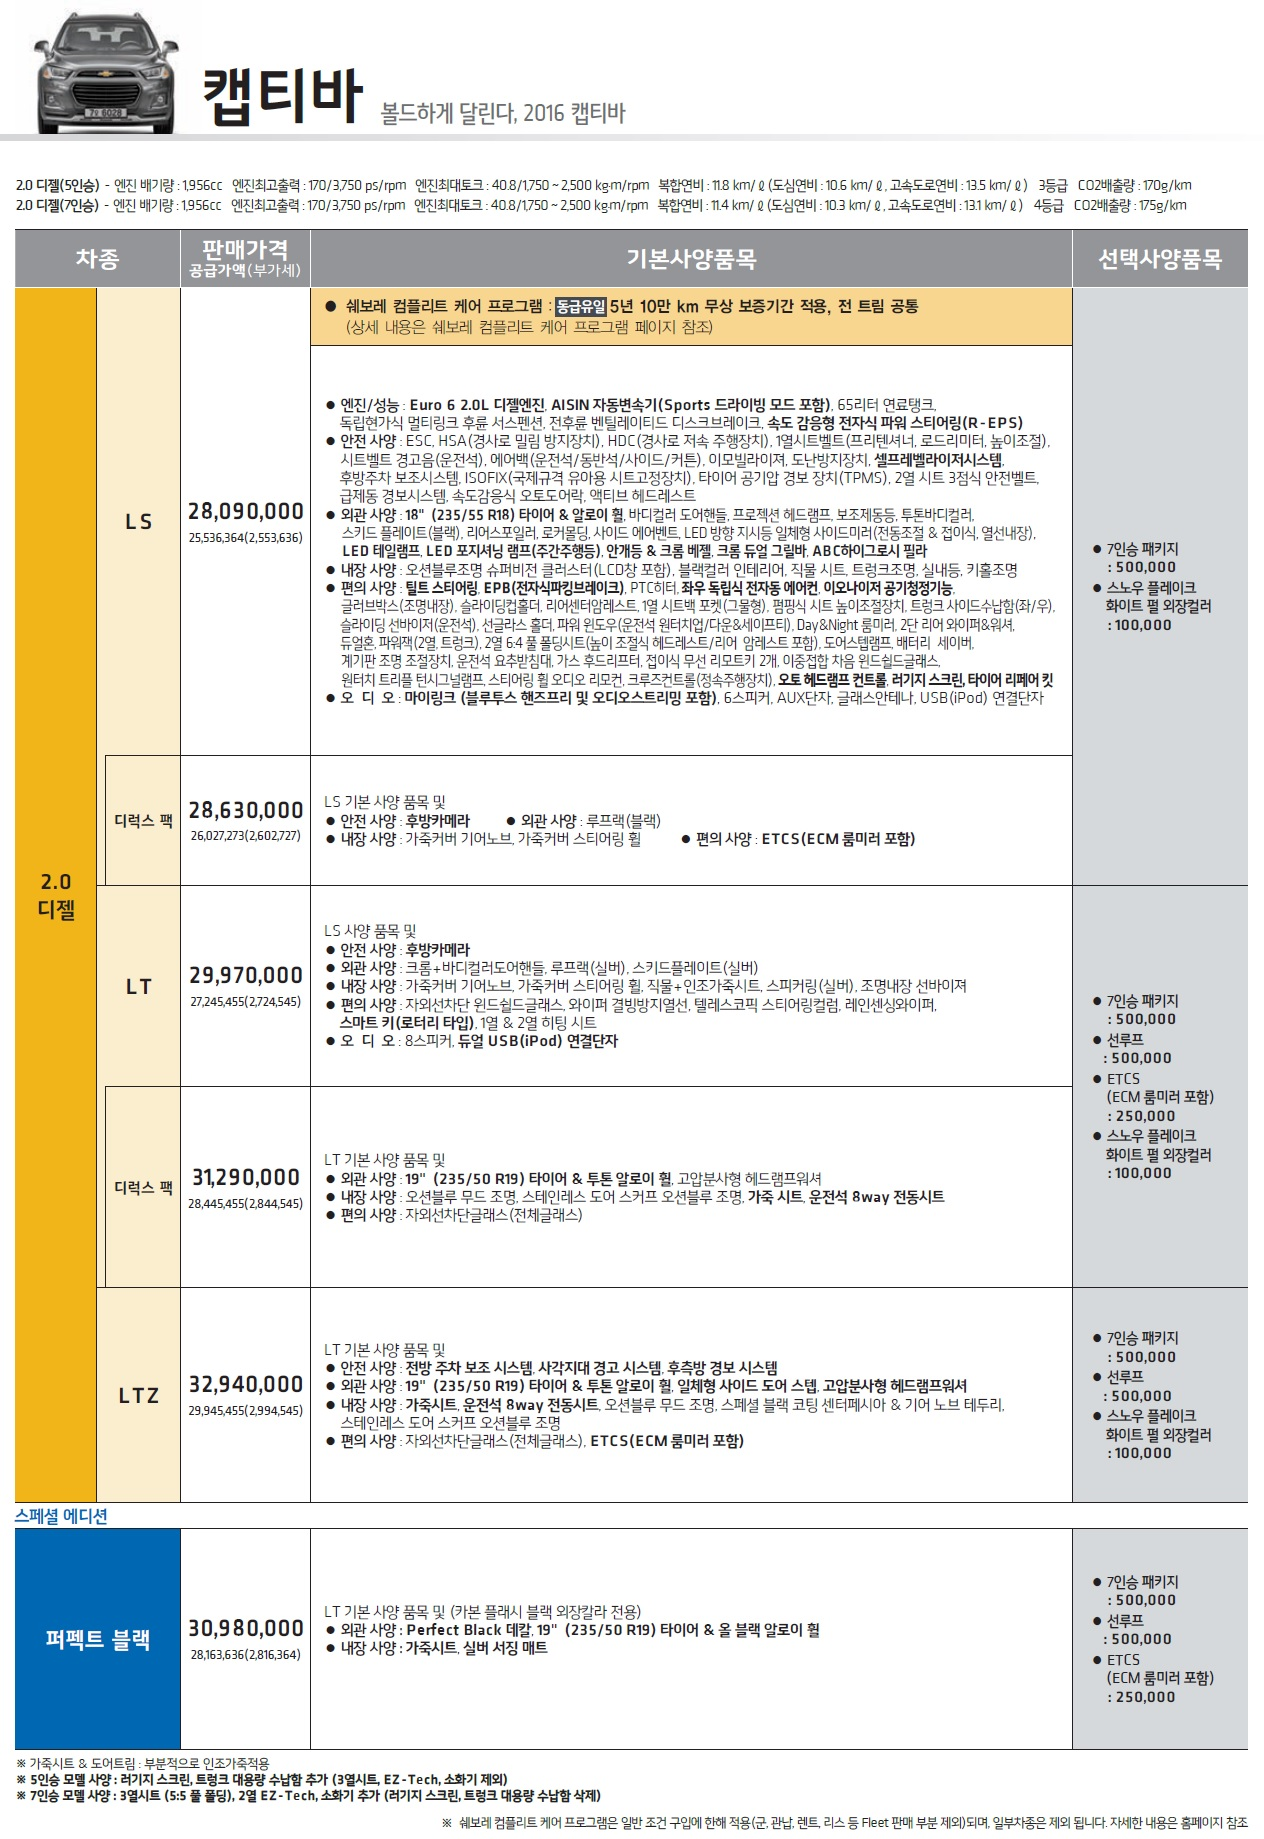 캡티바 가격표 - 2016년형 (2016년 03월) -1.jpg